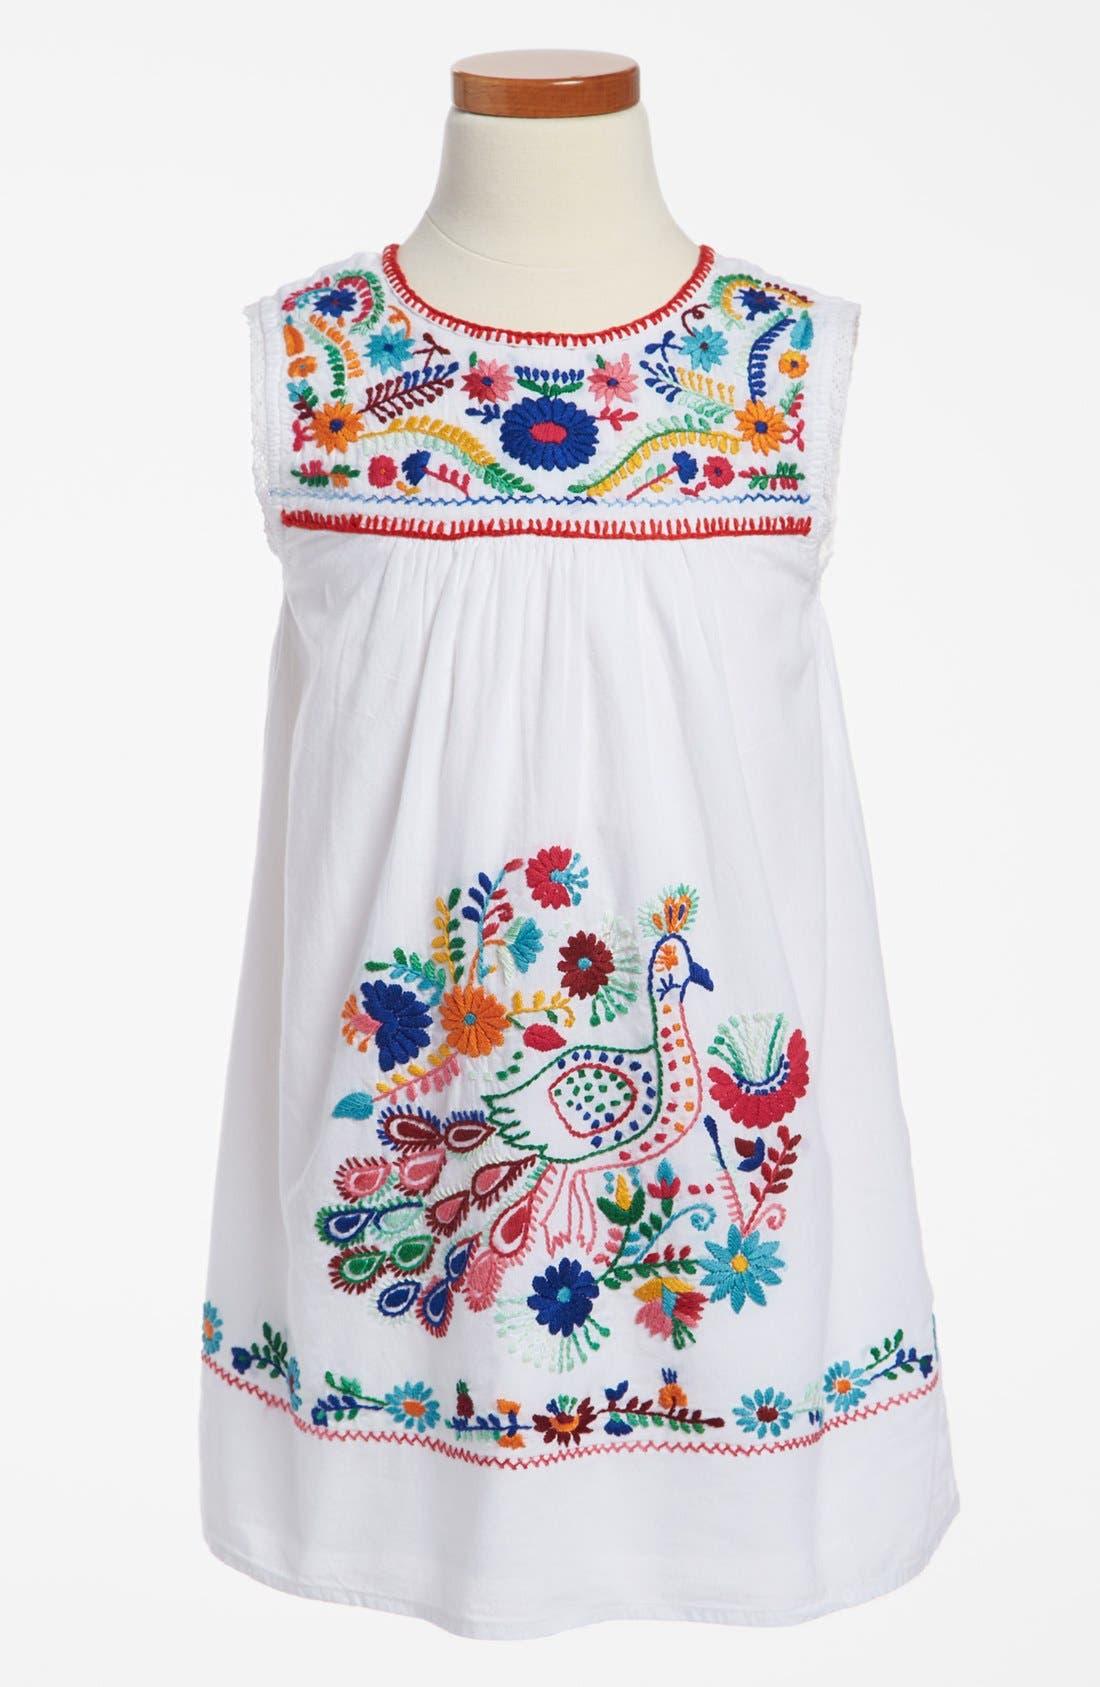 Alternate Image 1 Selected - Peek Dress & Converse Chuck Taylor® Sneaker (Toddler Girls, Little Girls & Big Girls)